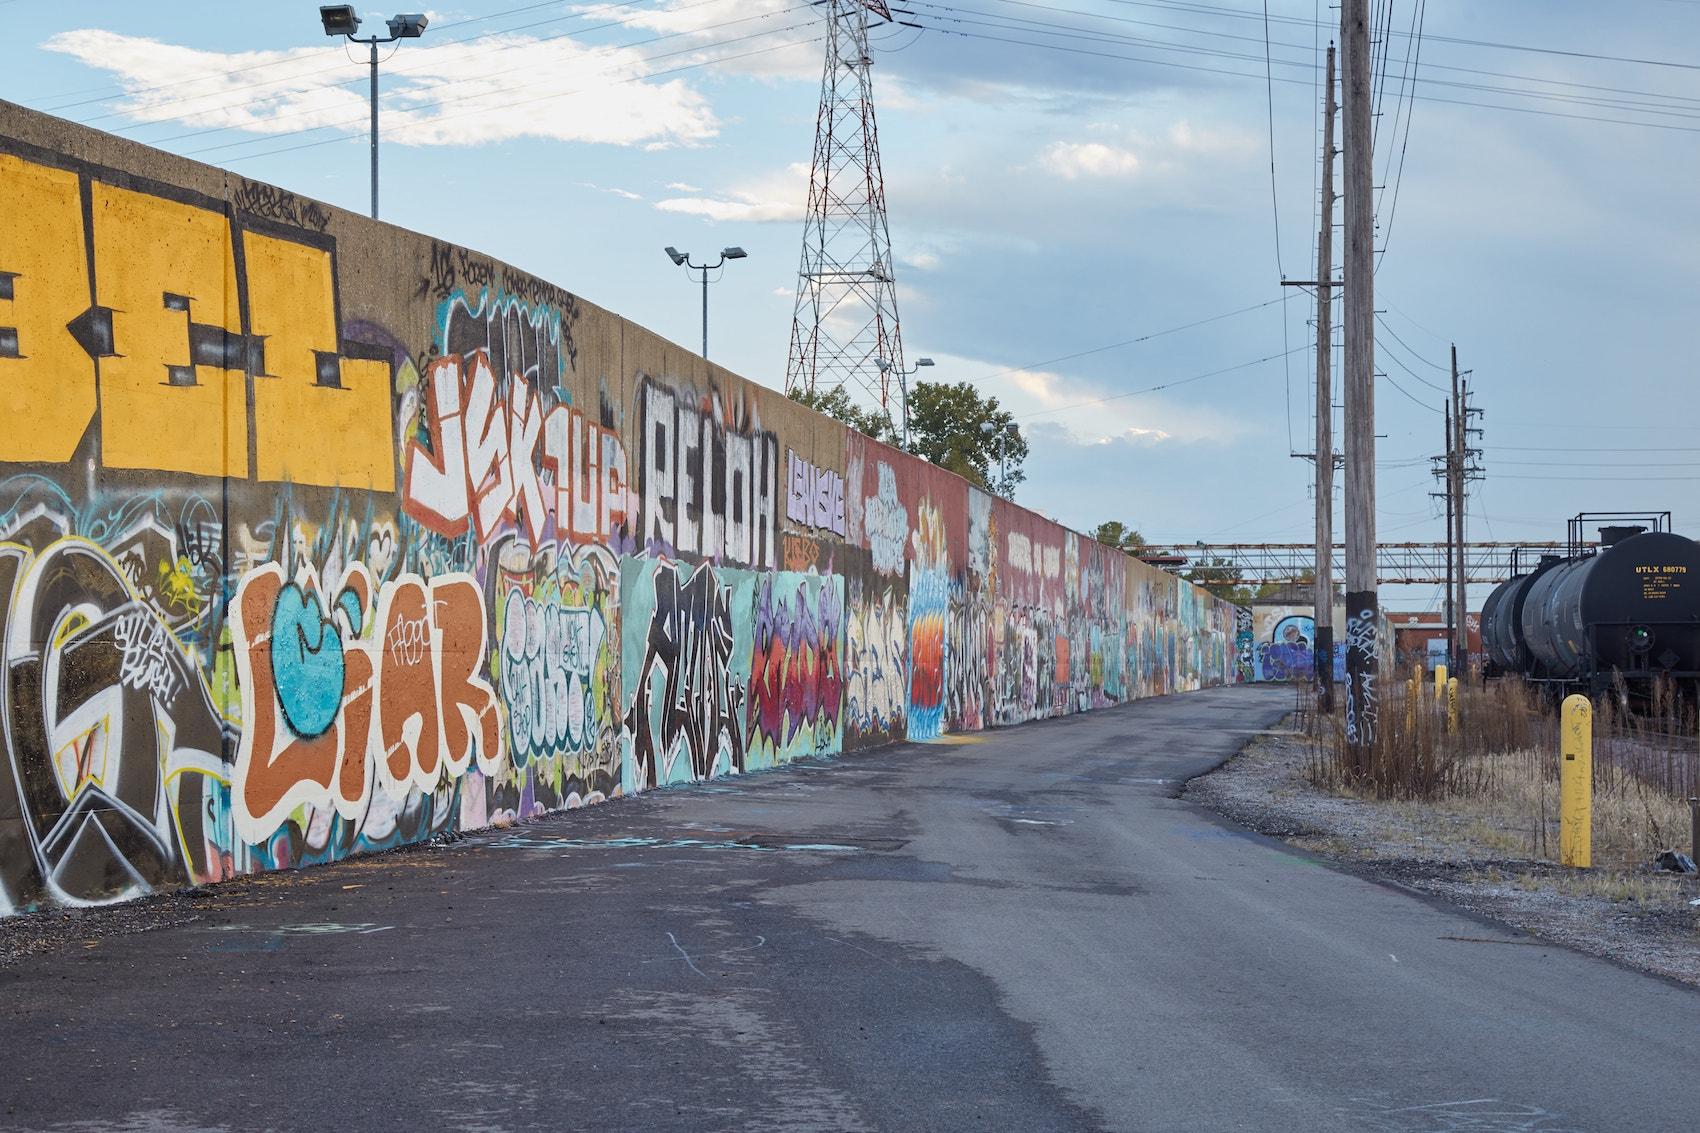 St Louis Street Art Graffiti Wall